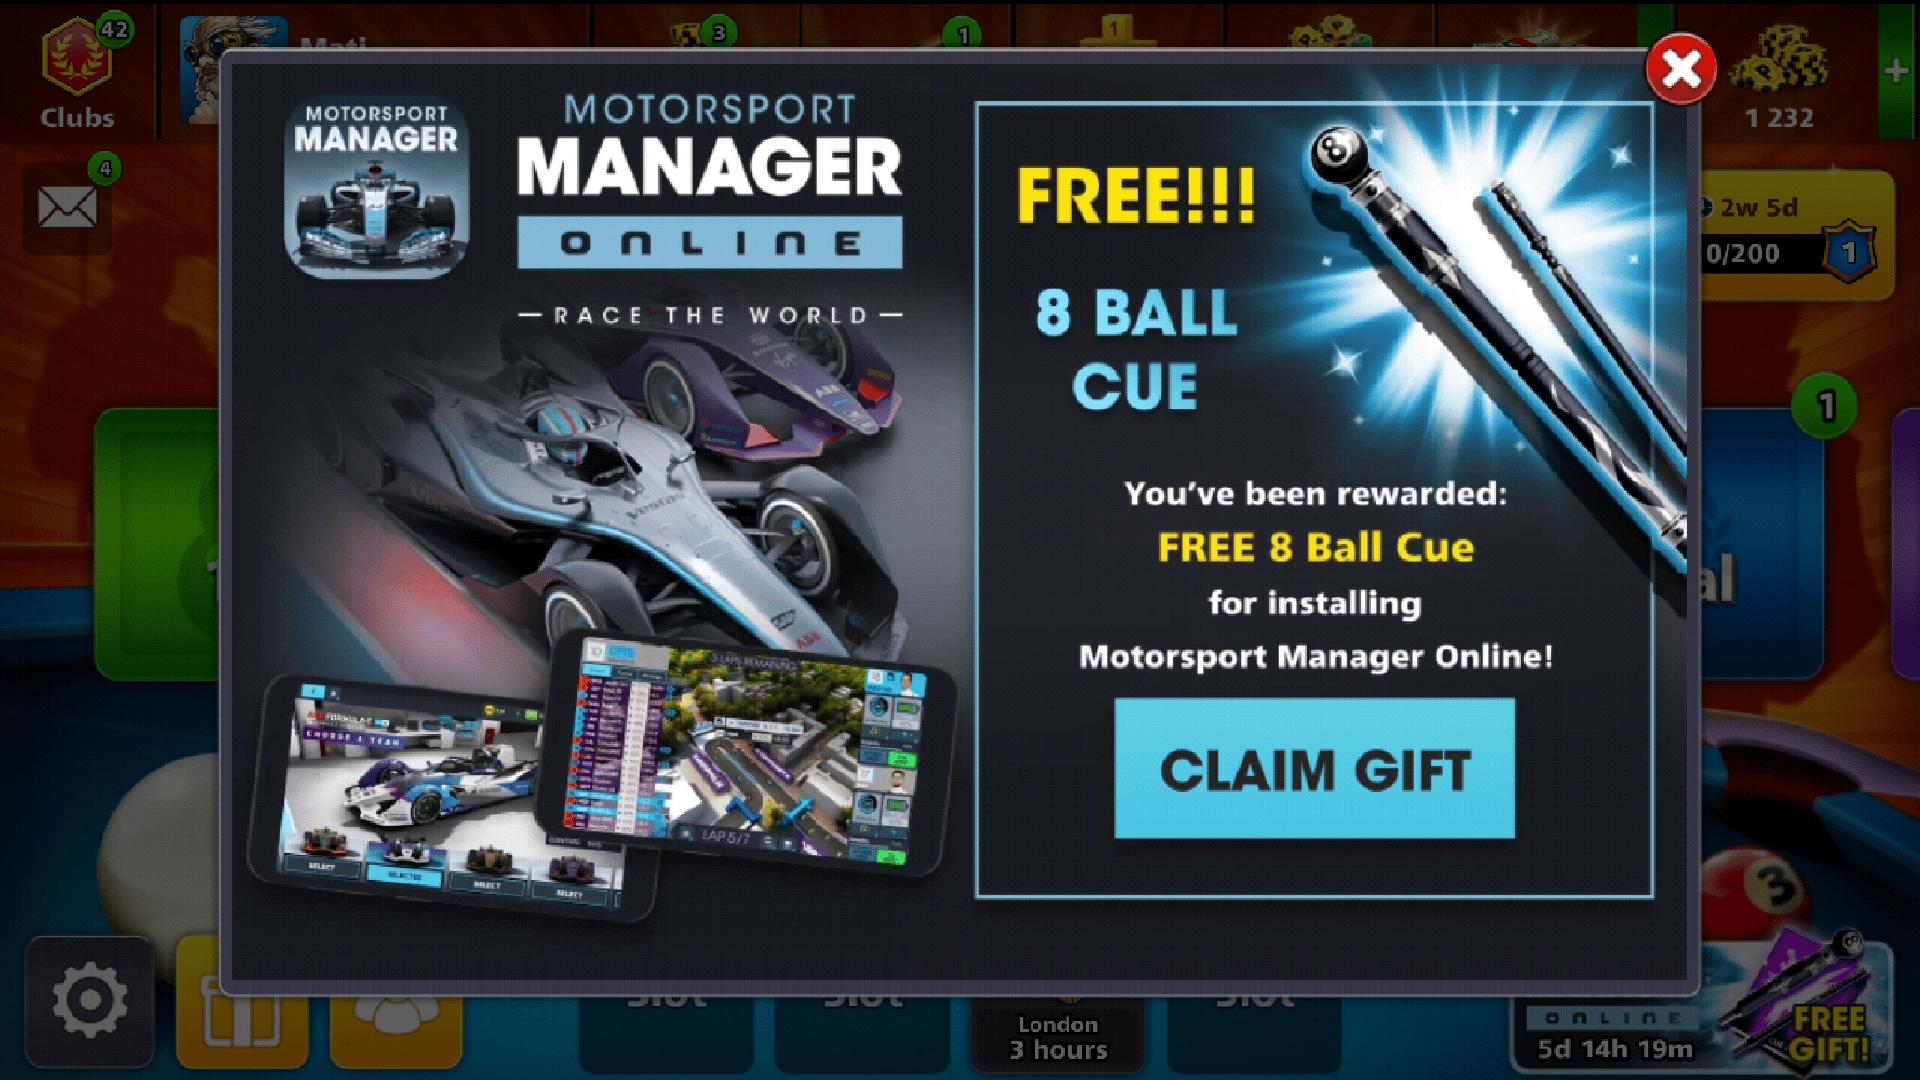 claim free 8 ball cue